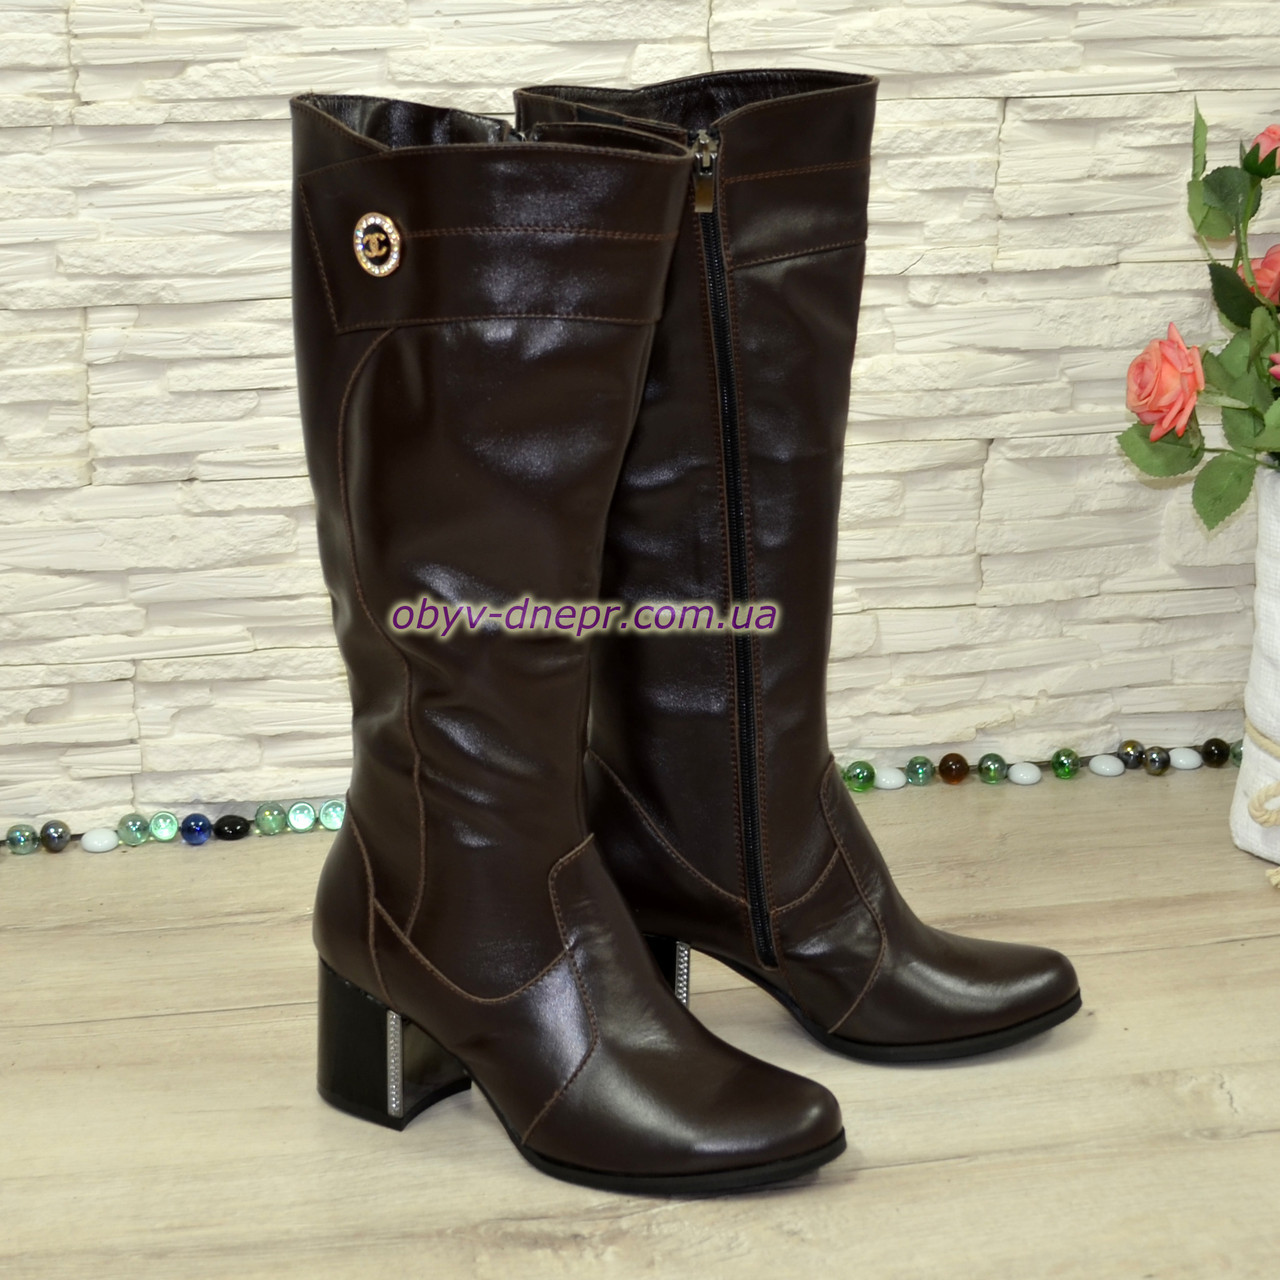 Сапоги зимние кожаные на невысоком устойчивом каблуке, цвет коричневый. Декорированы фурнитурой